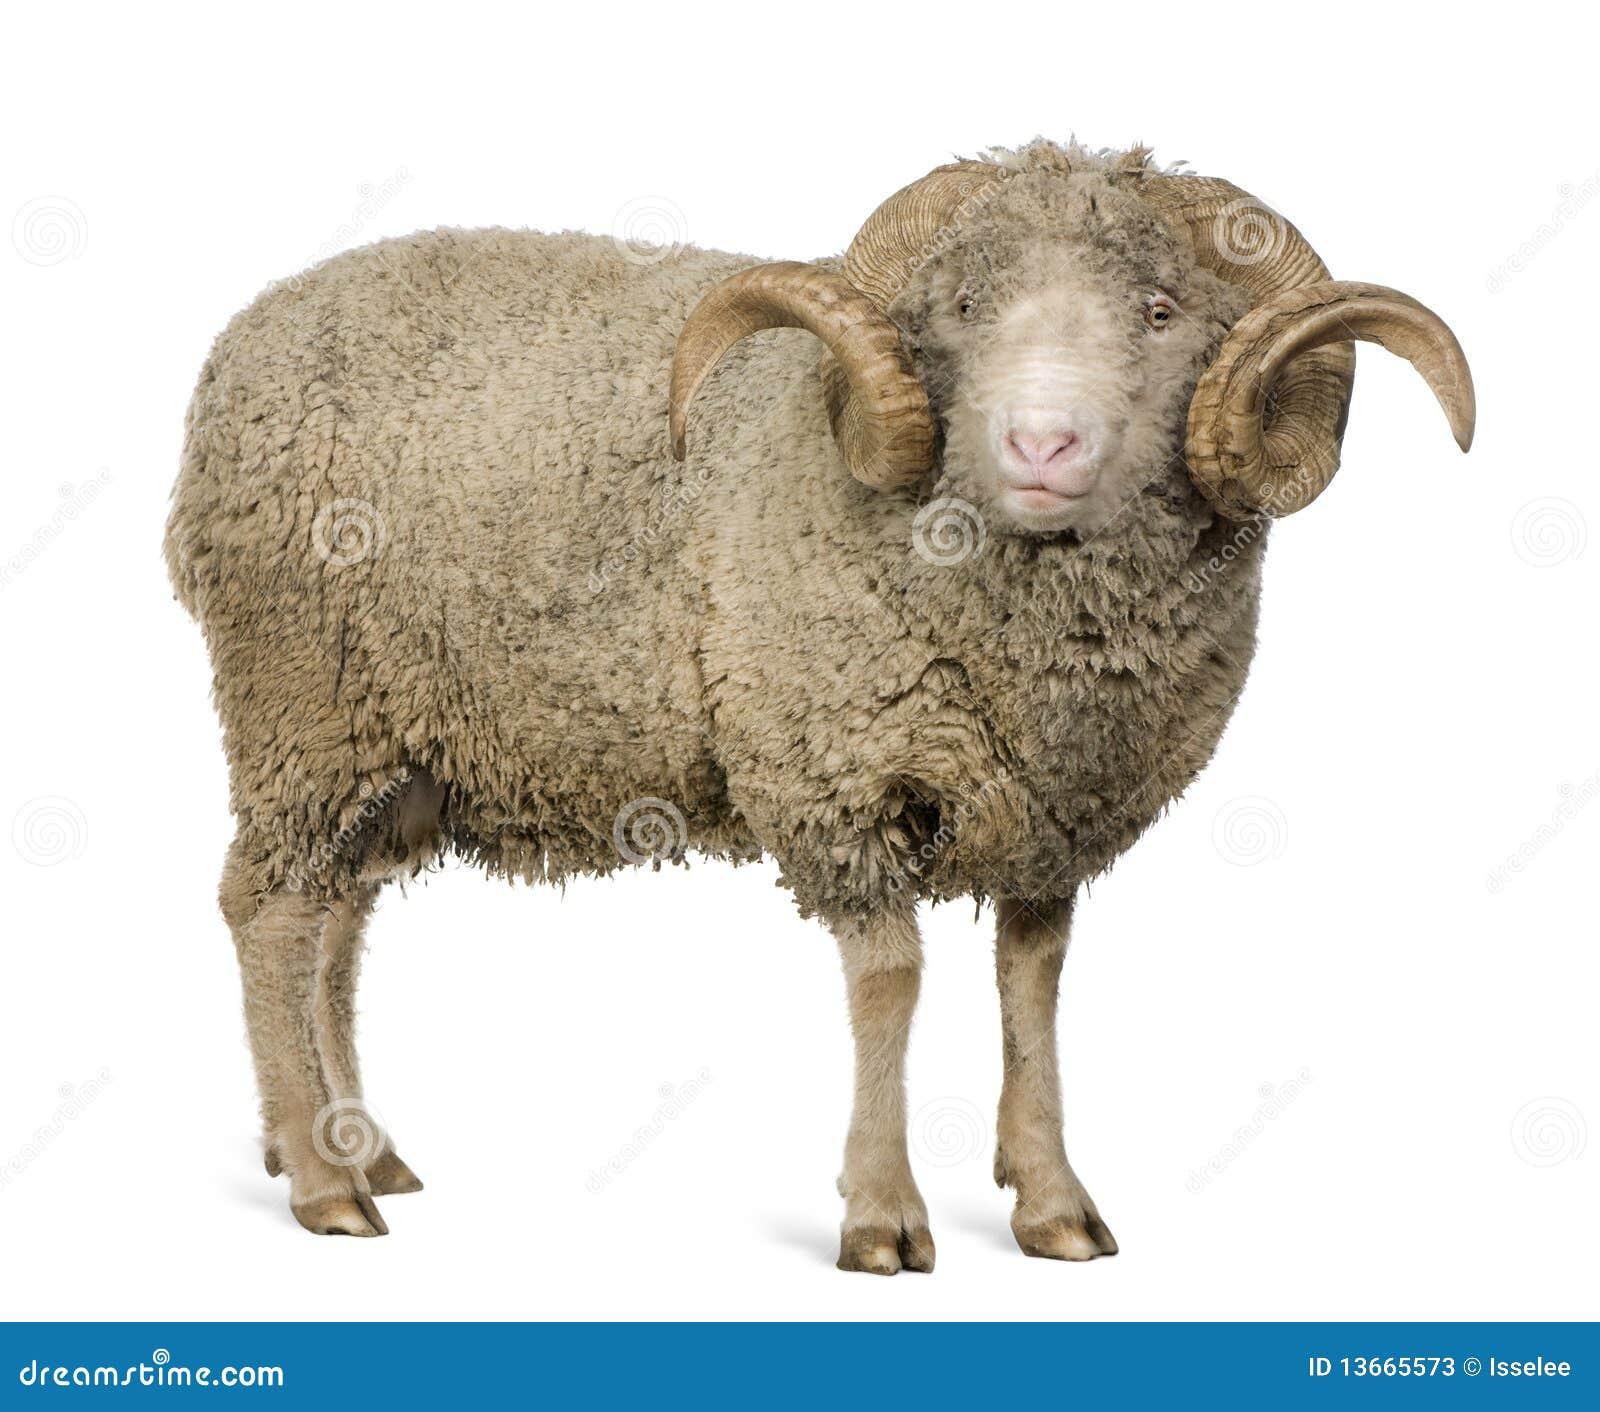 Arles Merino Sheep, Ram, 5 Years Old Stock Image